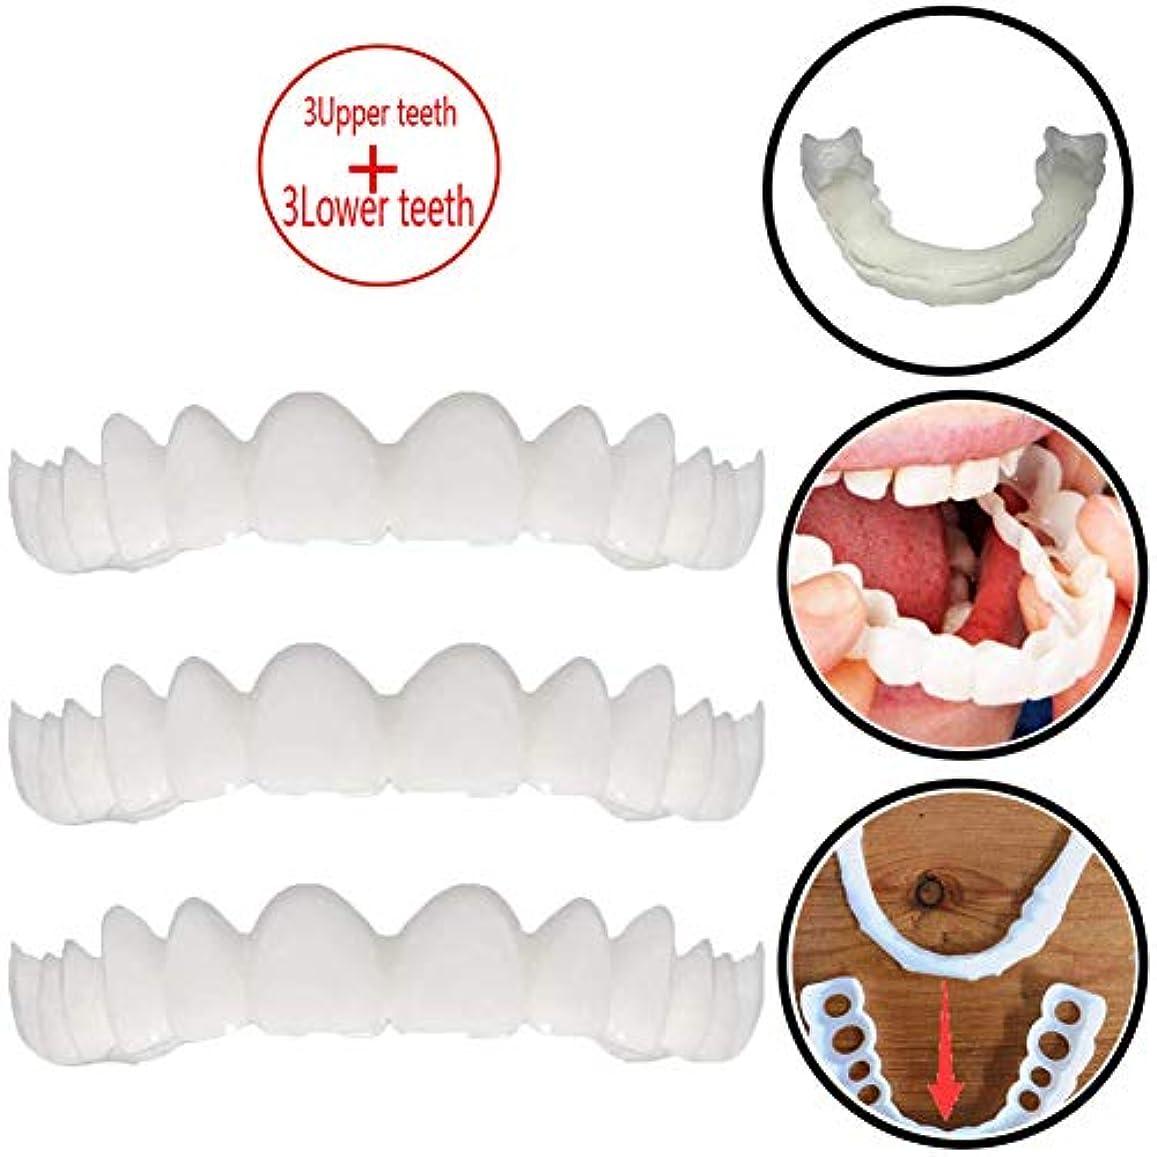 相談フィルタ韓国3ペアの一時的な歯のホワイトニング、シミュレーションブレース上部ブレース+下部ブレースホワイトニングティースナップオンインスタント完全ベニア,3upperteeth+3lowerteeth